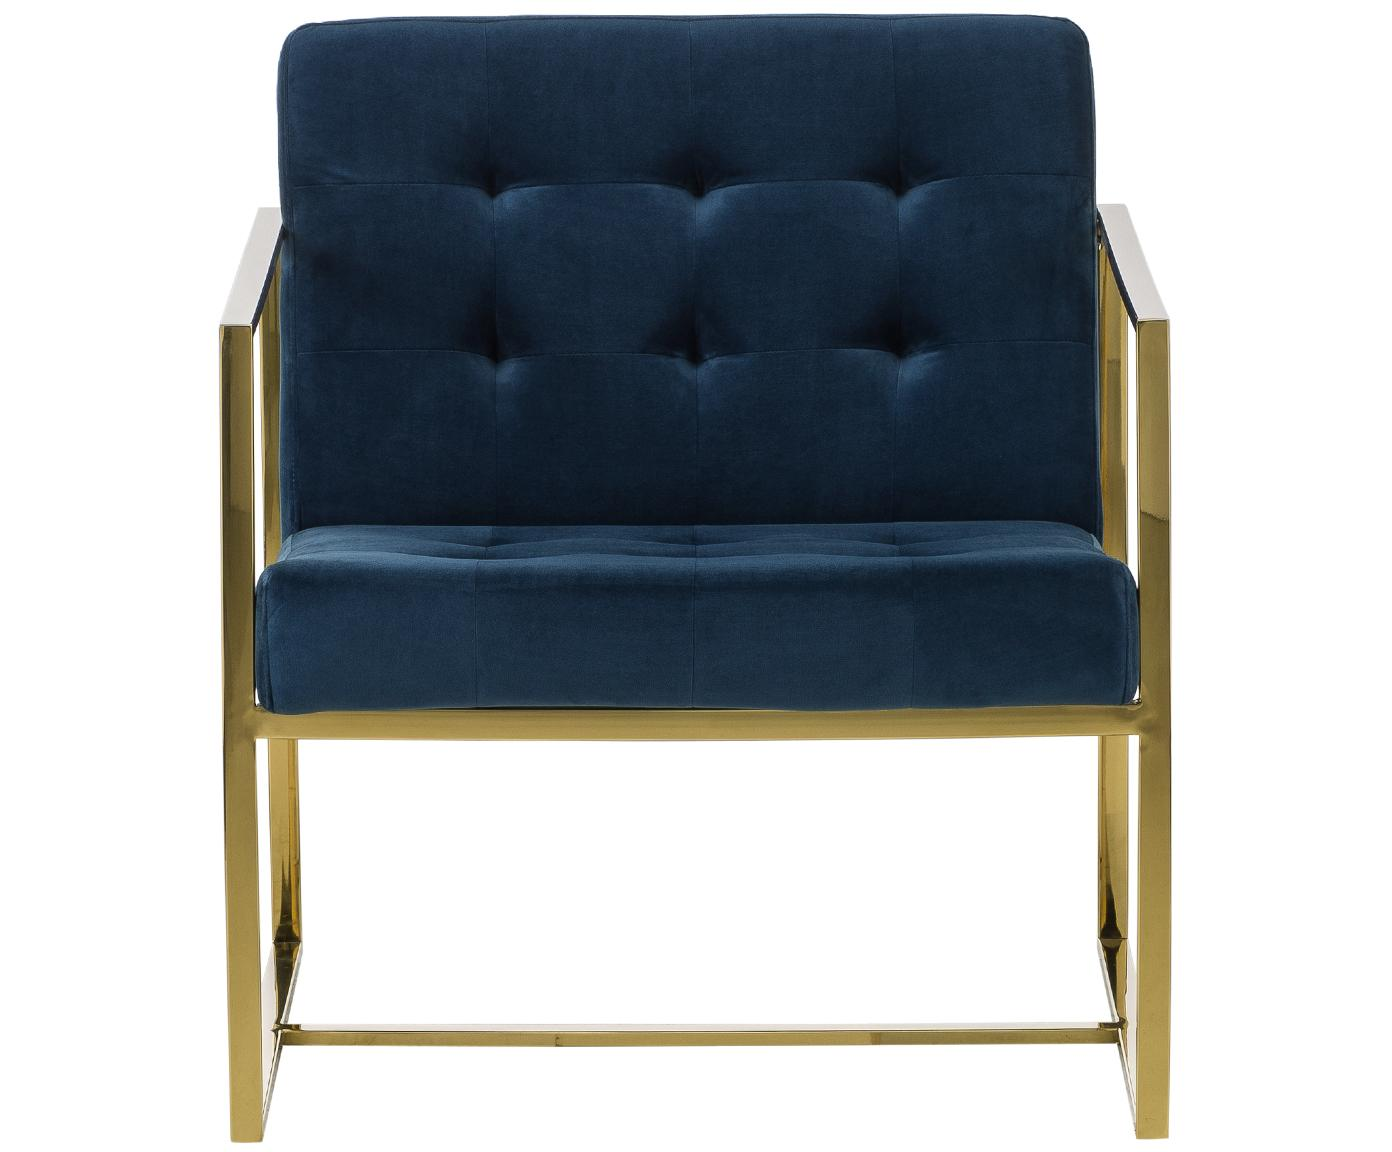 Fotel z aksamitu Manhattan, Tapicerka: aksamit (poliester), Stelaż: metal powlekany, Aksamitny ciemny niebieski, S 70 x G 72 cm